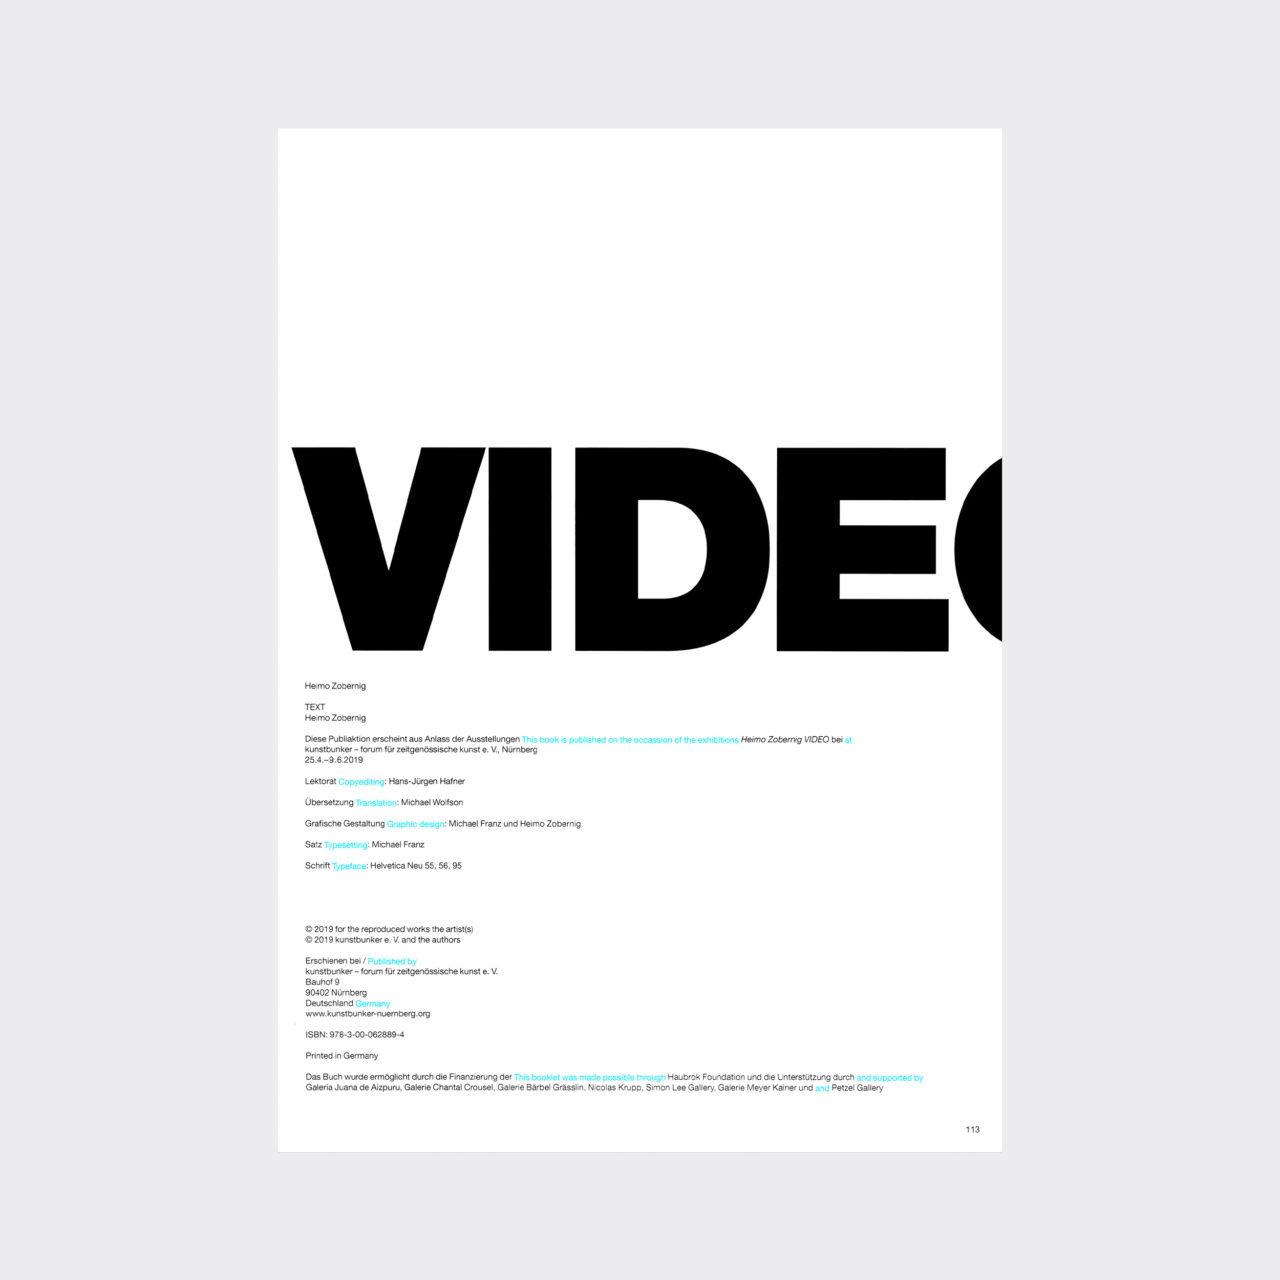 Heimo Zobernig, Video (Publikation kunstbunker Nürnberg) (2019)